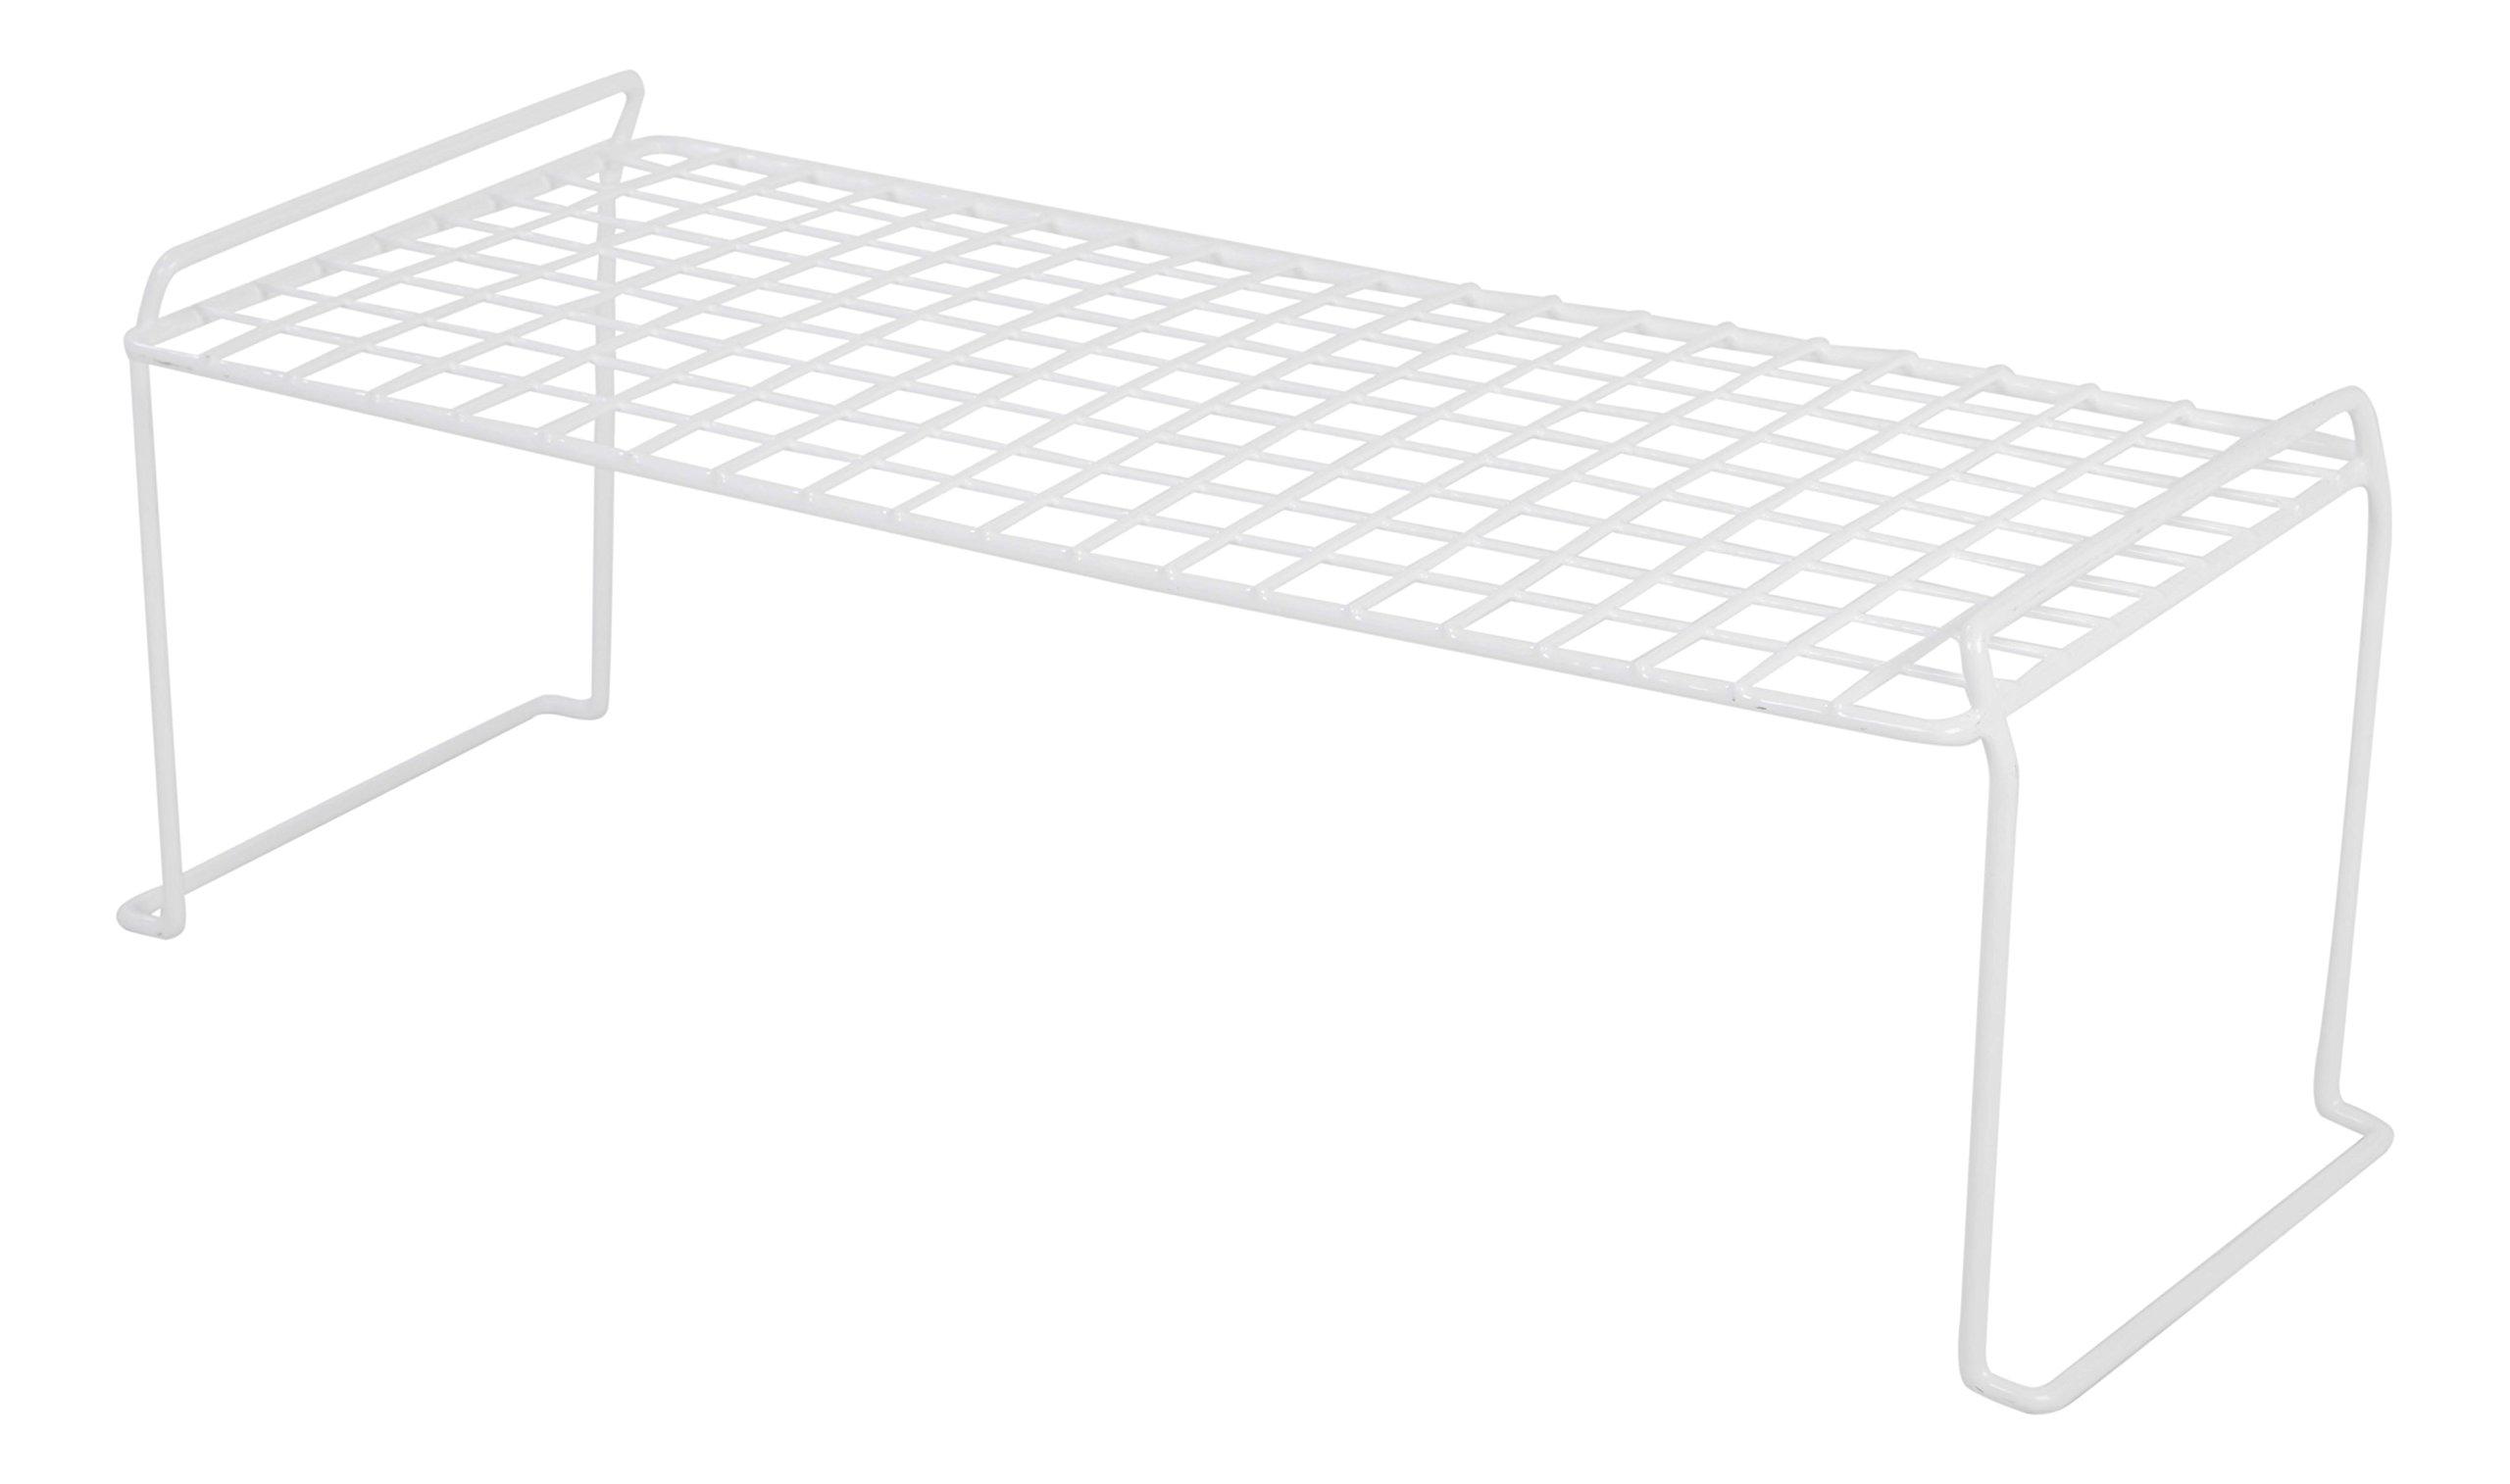 IRIS Stacking Shelf, Medium Long, White